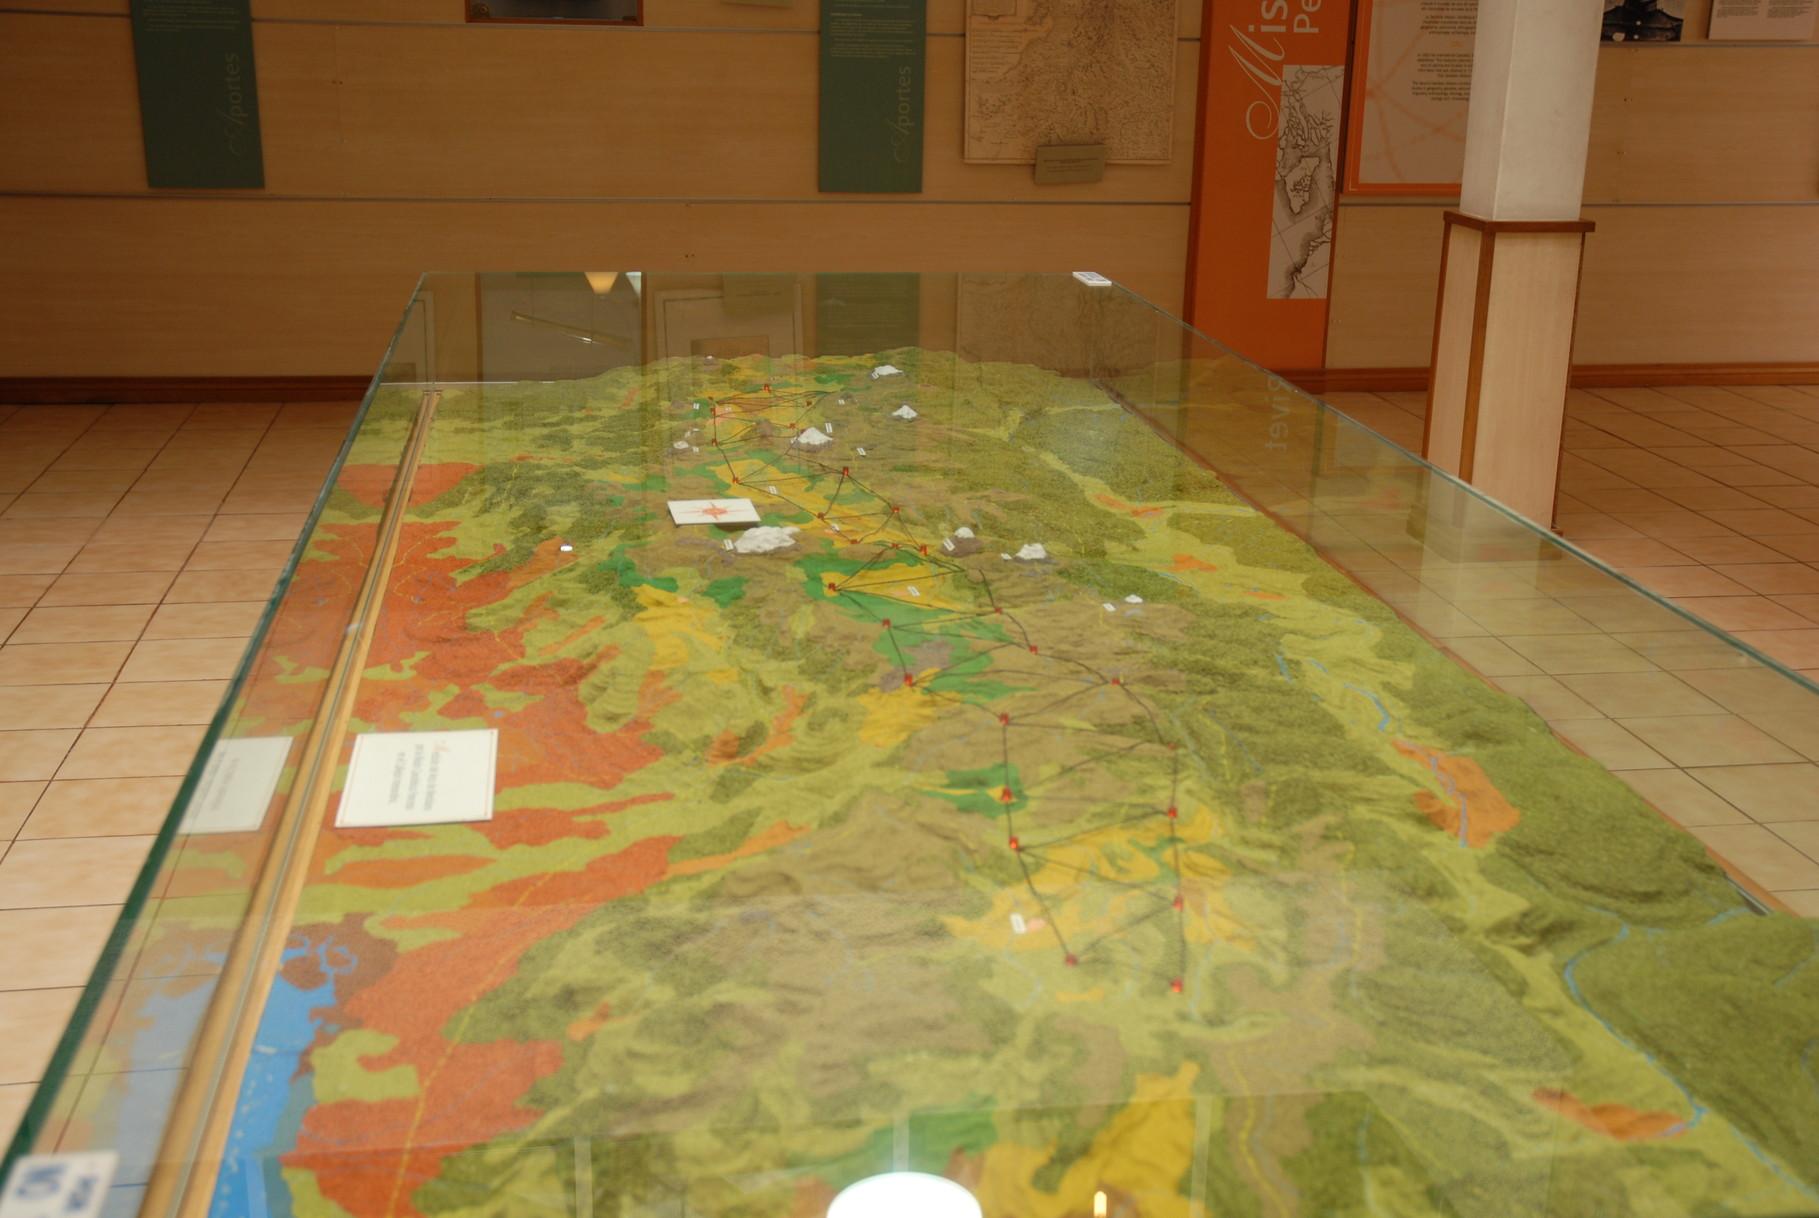 Eine schöne Reliefkarte mit der Umgebung von Quito hinab bis Peru